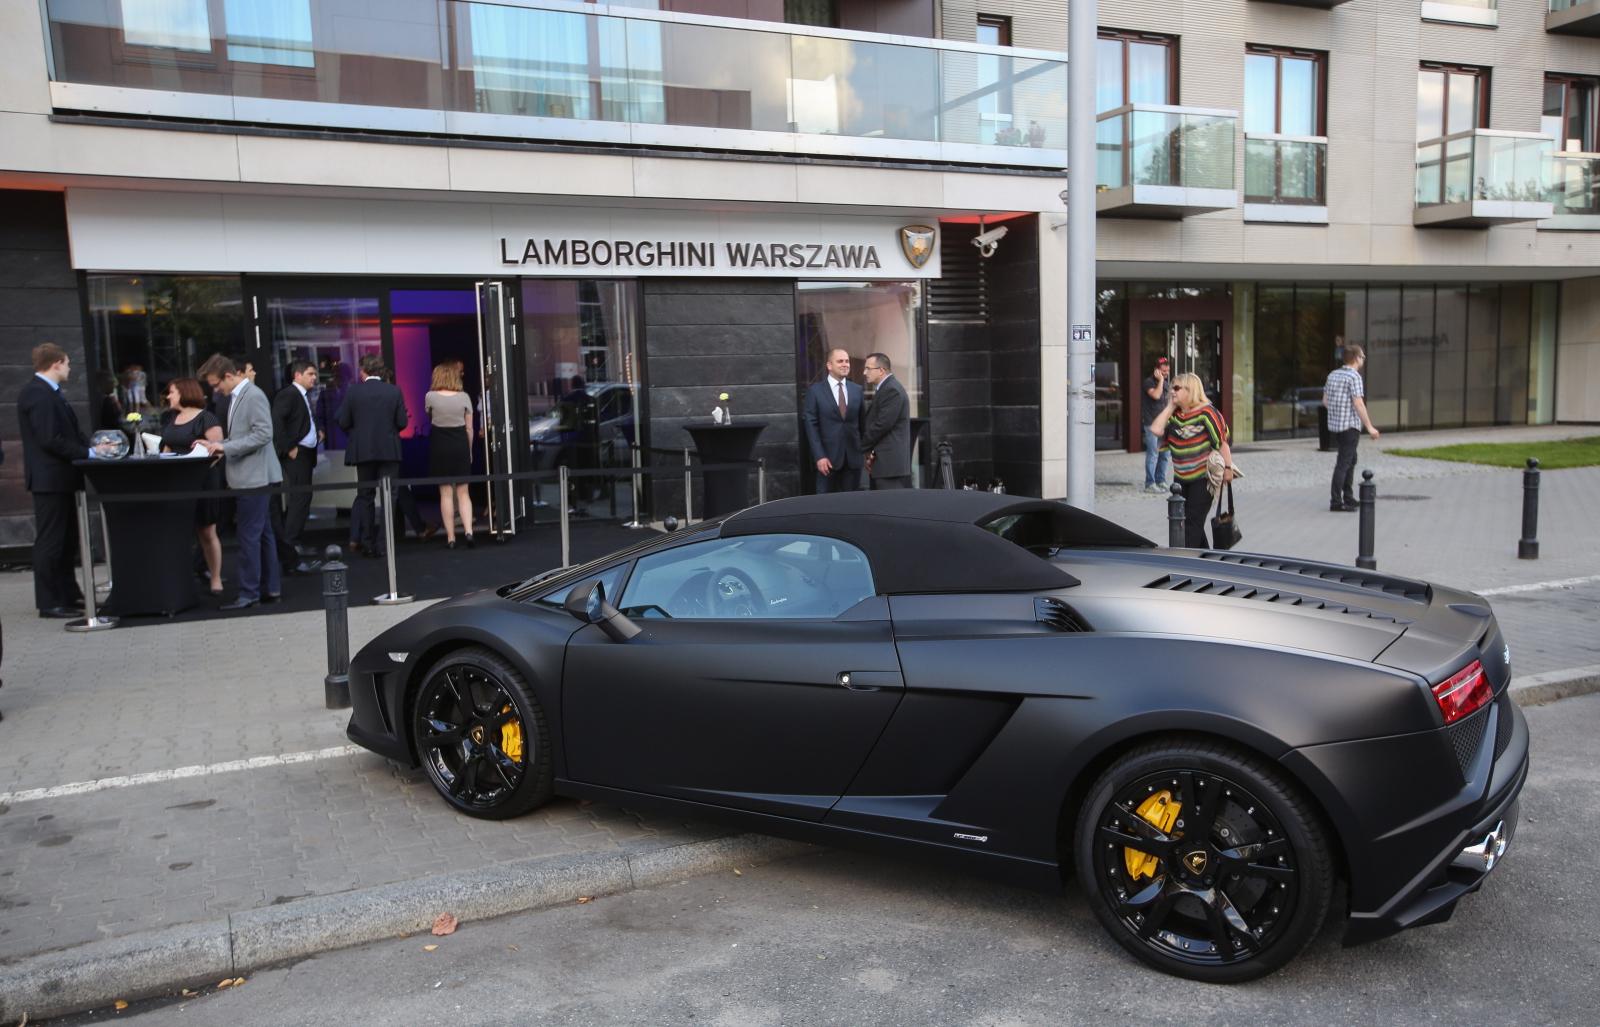 Otwarcie Pierwszego Salonu Lamborghini W Polsce ZdjĘcia